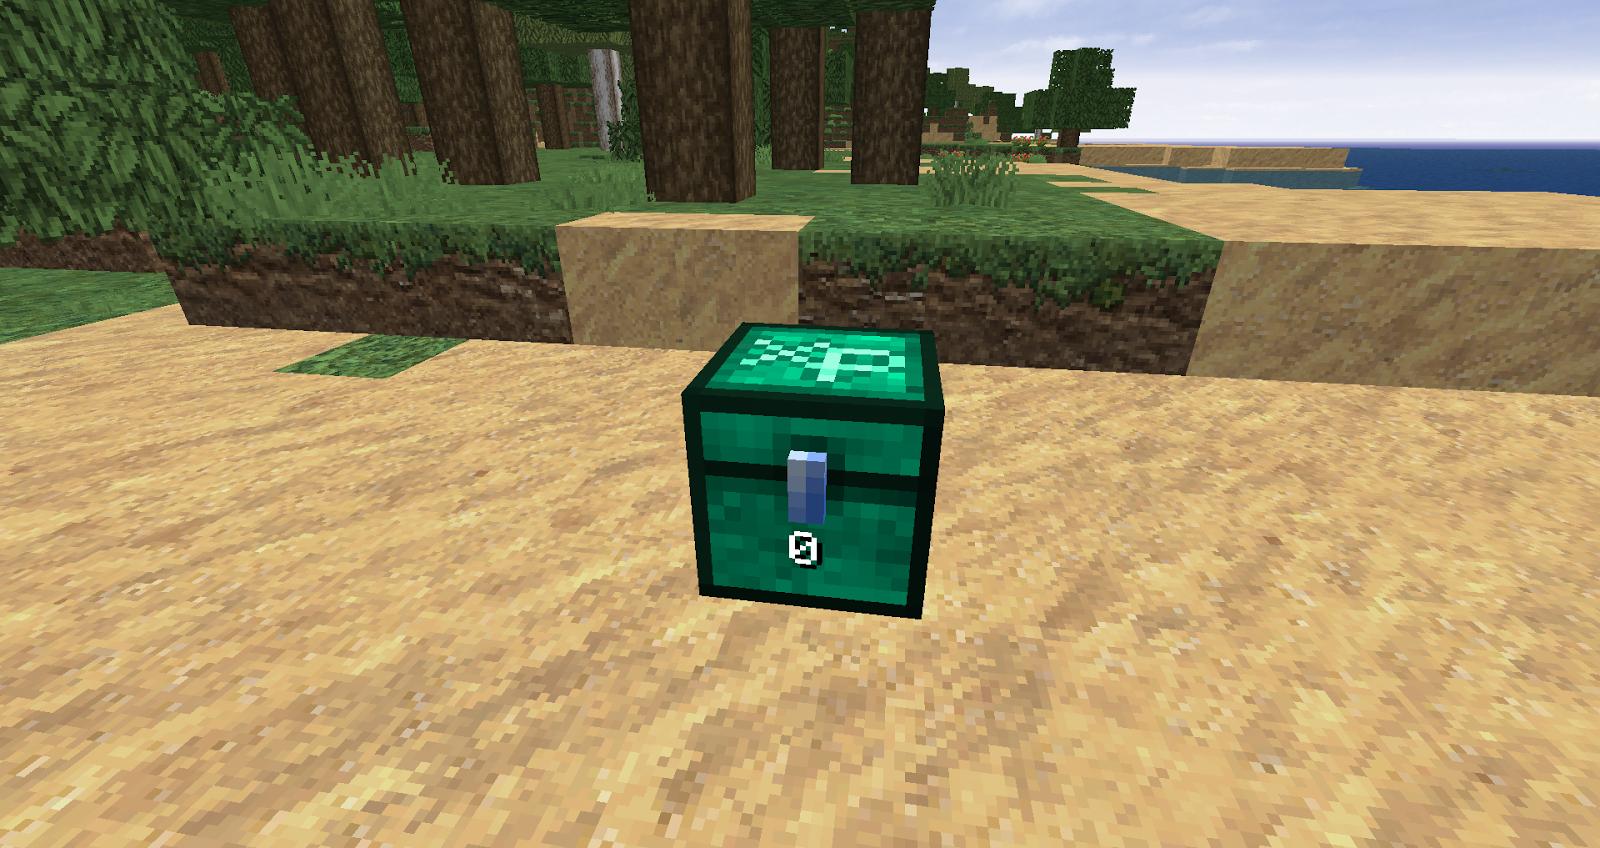 XP storage chest mod para Minecraft 1.7.2, xp storage chest, xp storage, xp storage chest 1.7.2, mods minecraft, minecraft mods, mods para minecraft, mod de experiencia minecraft, minecraft descargar mods, minecraft cómo instalar mods, cómo instalar mods minecraft. cómo instalar mods, mods 1.7.2, descargar mods 1.7.2, mods para minecraft, minecraft 1.7.2